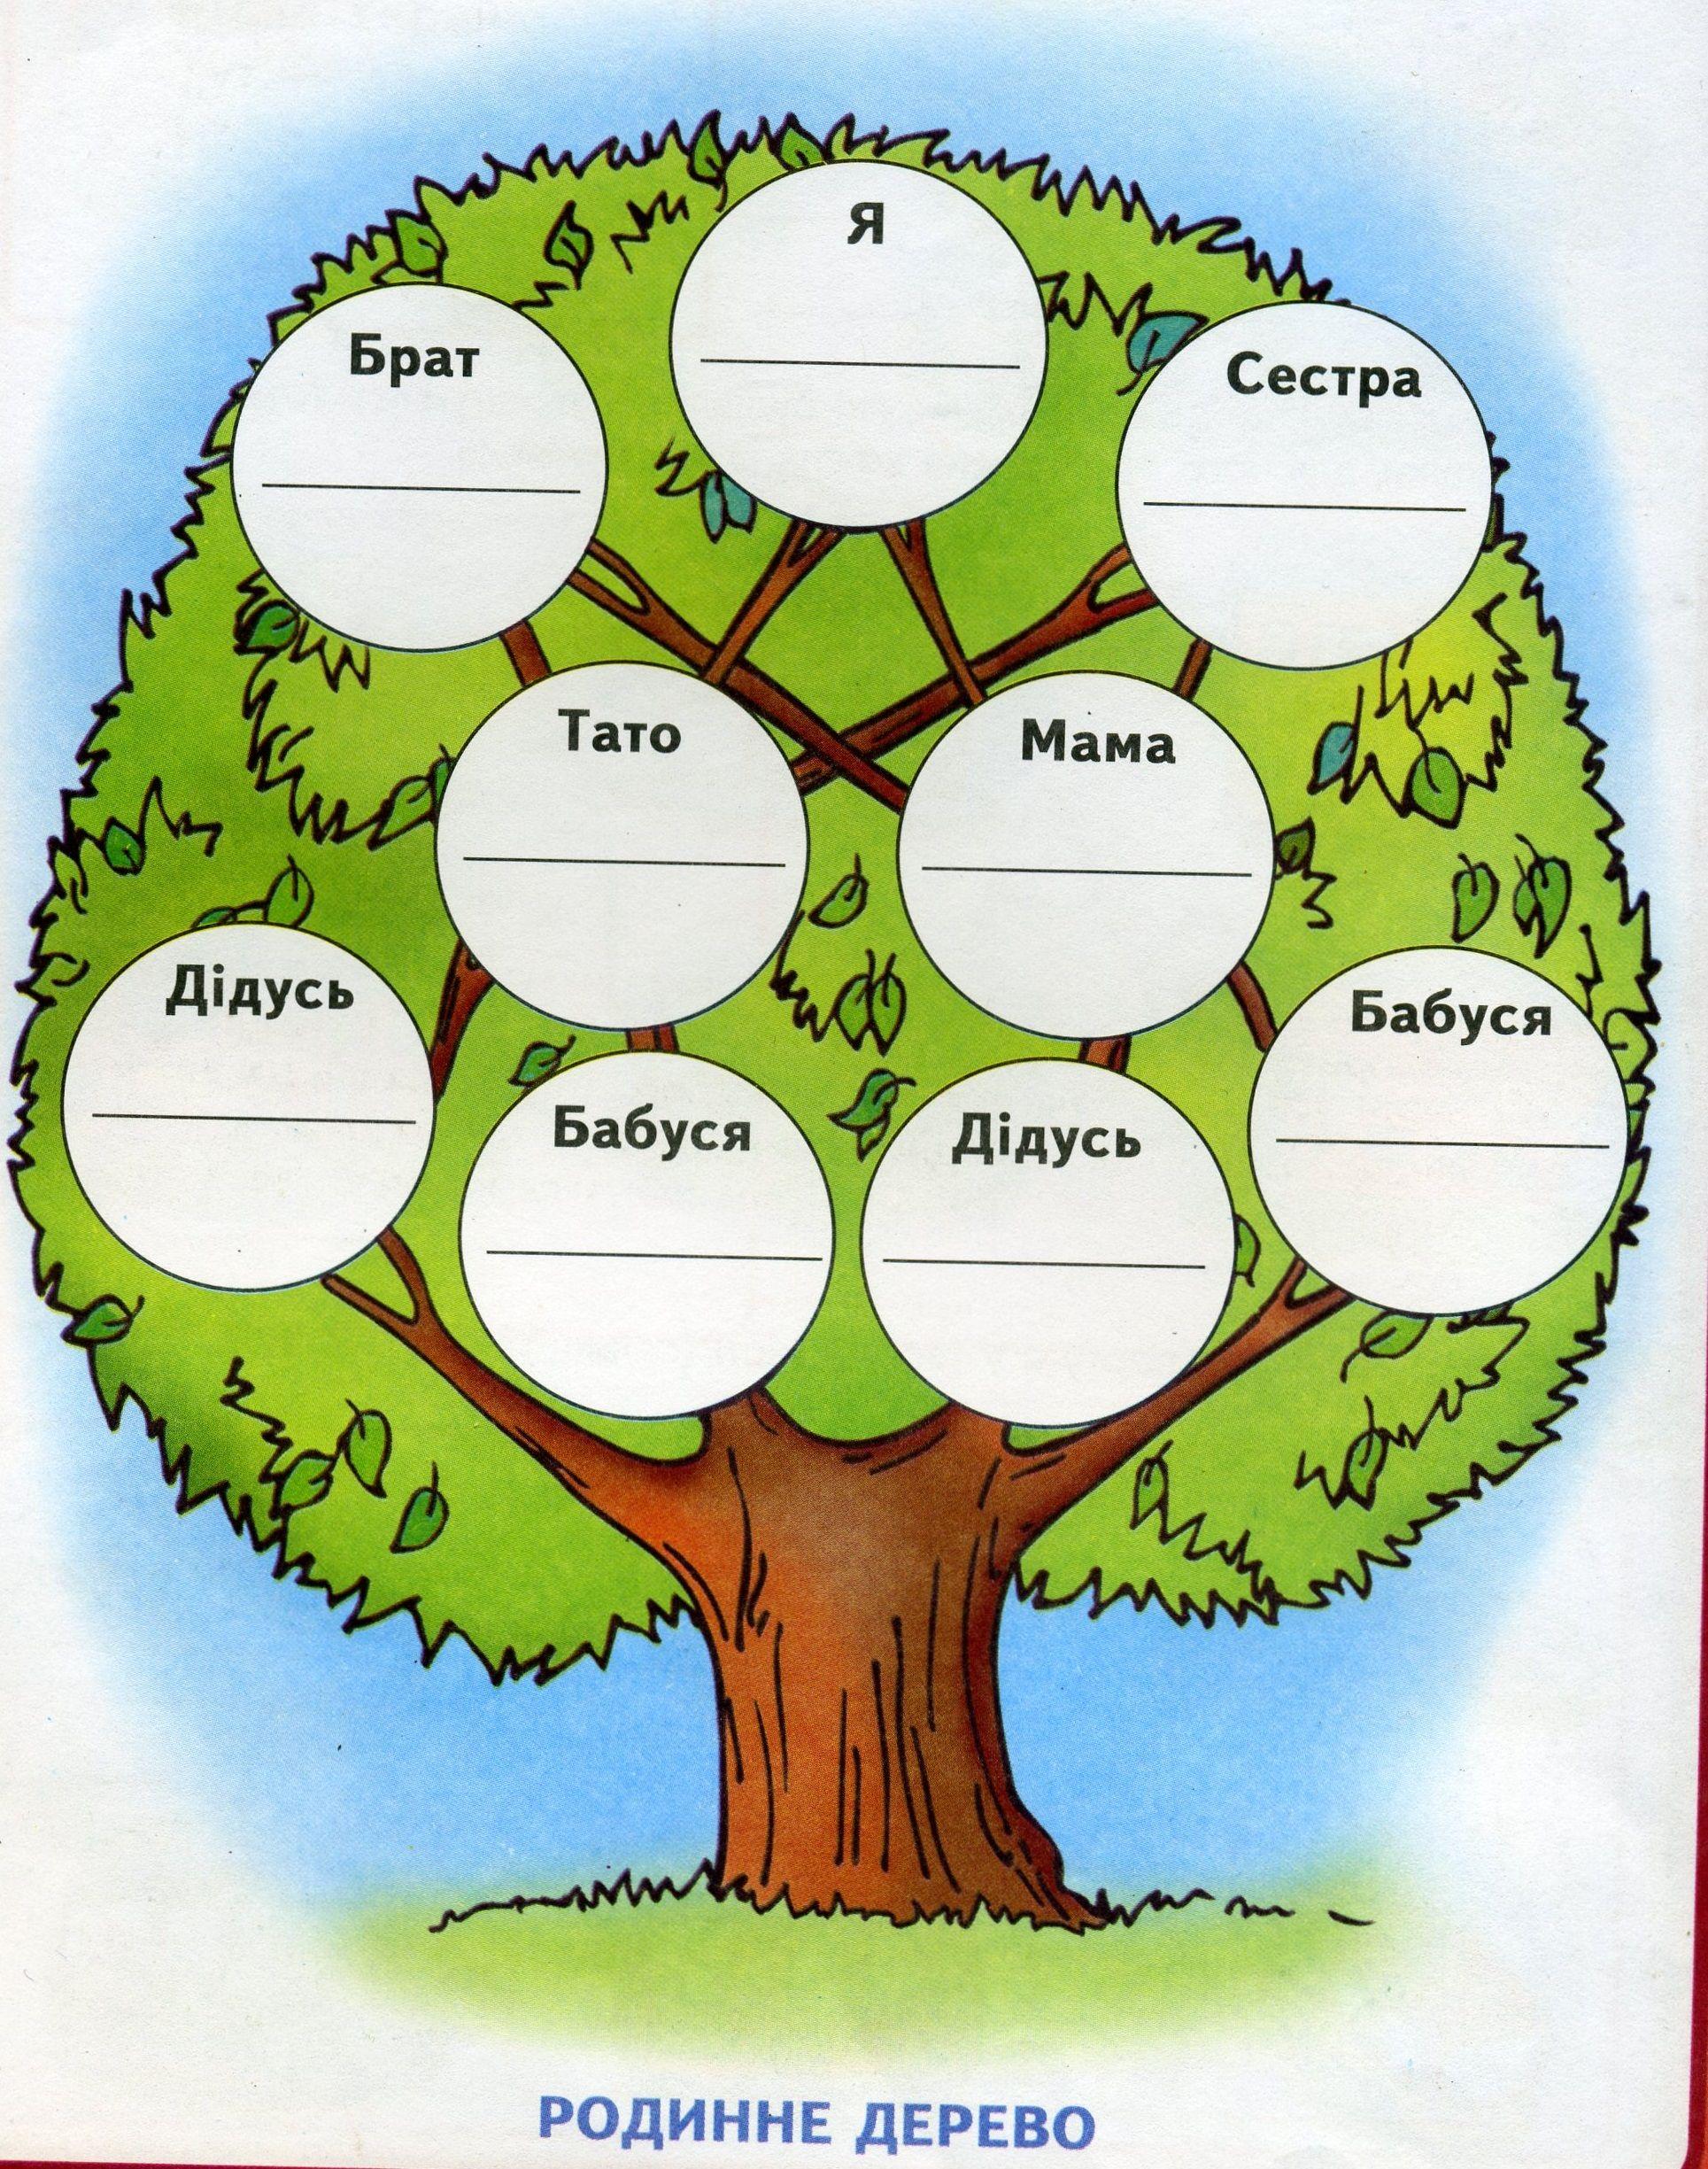 Скачать бесплатно генеалогическое дерево